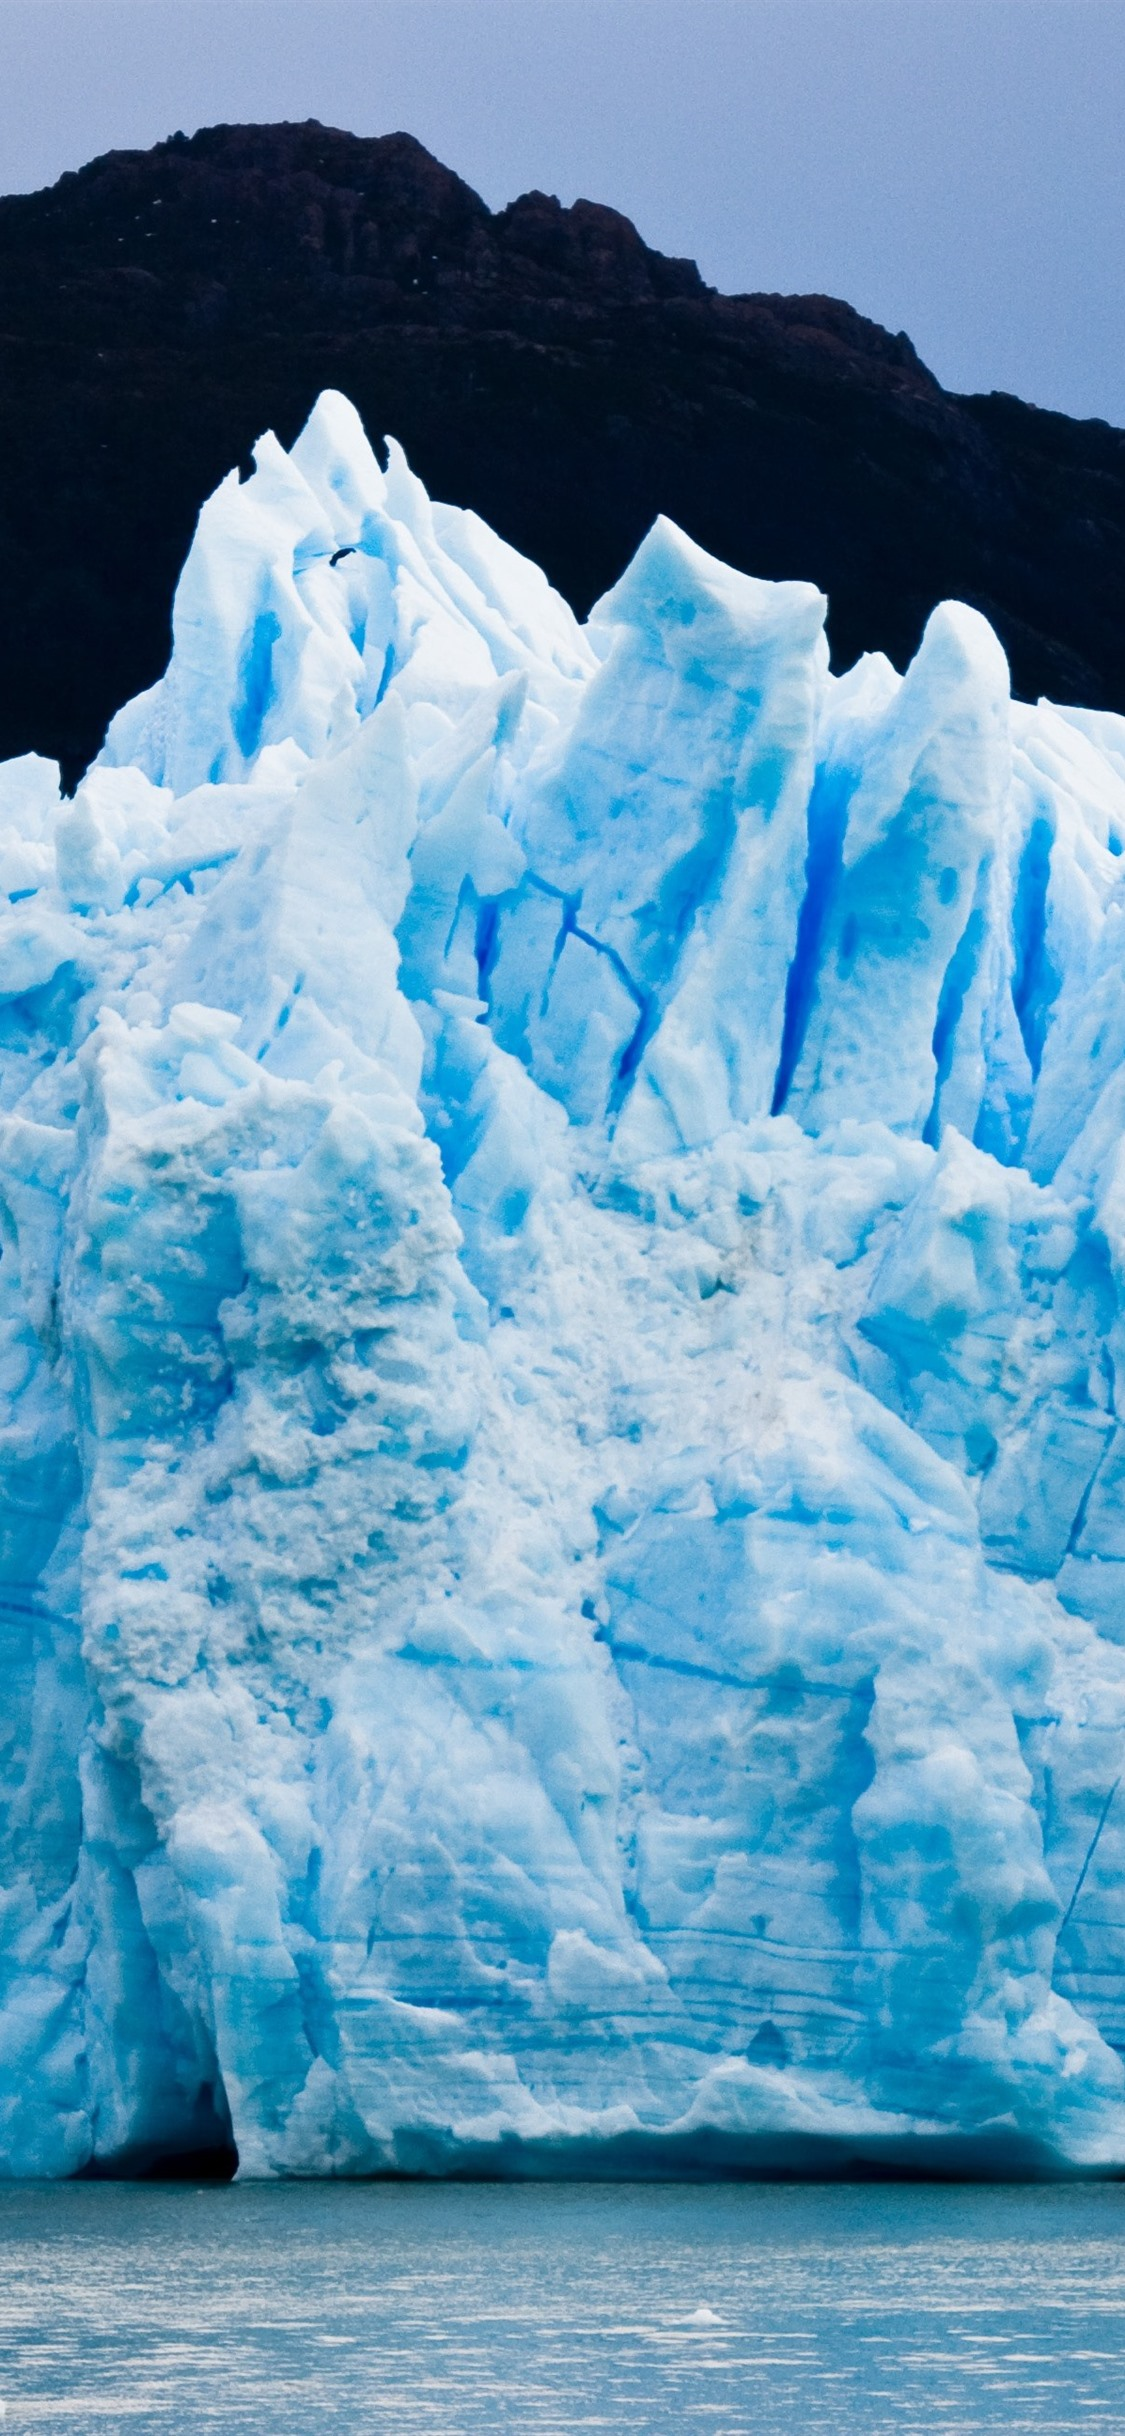 パタゴニア 氷河 氷 青 1125x2436 Iphone 11 Pro Xs X 壁紙 背景 画像